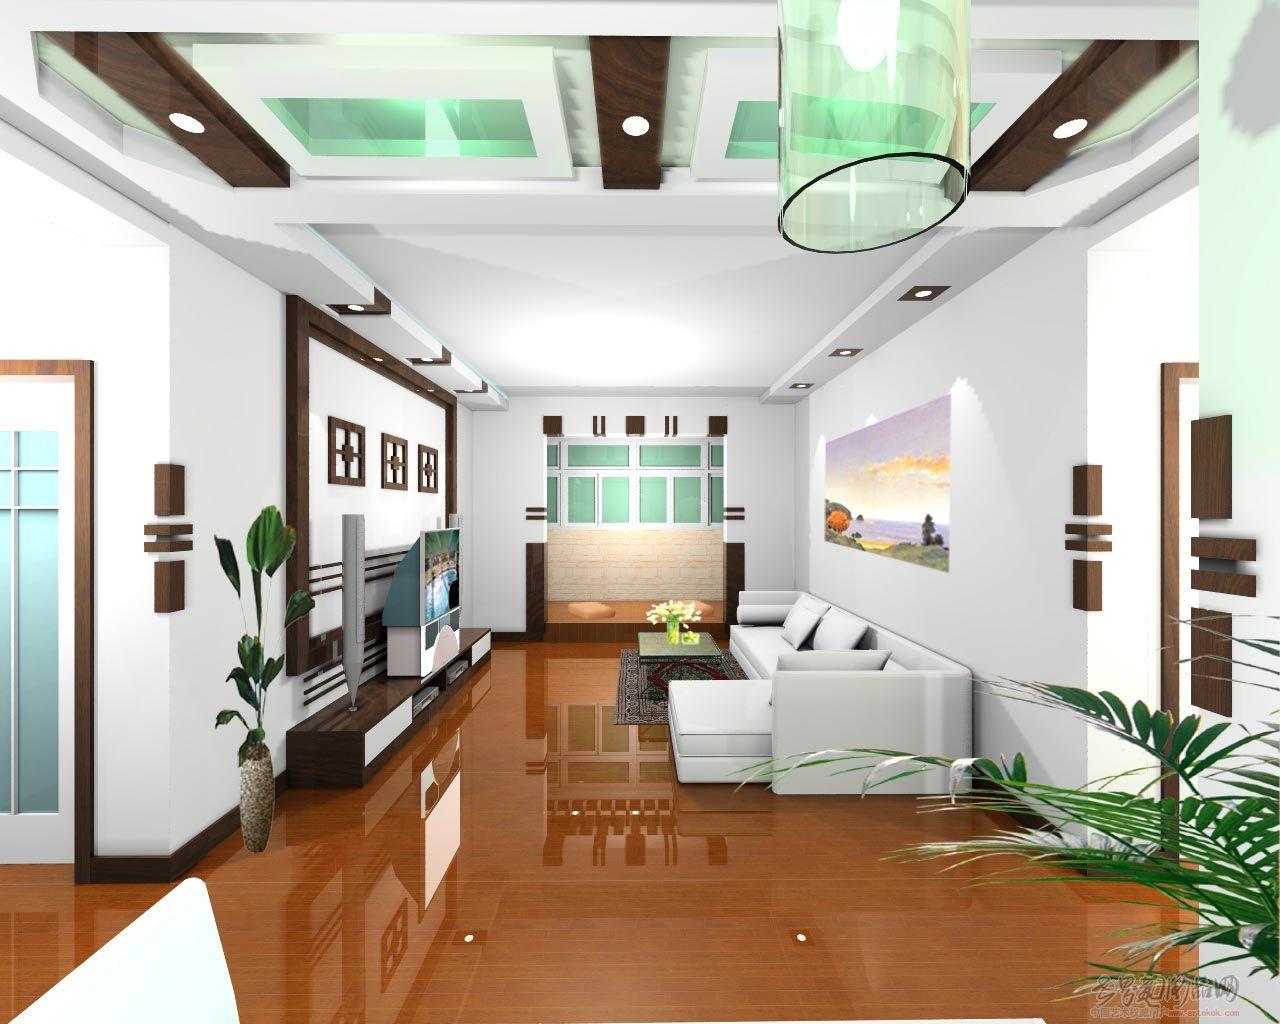 办公室 家居 起居室 设计 装修 1280_1024